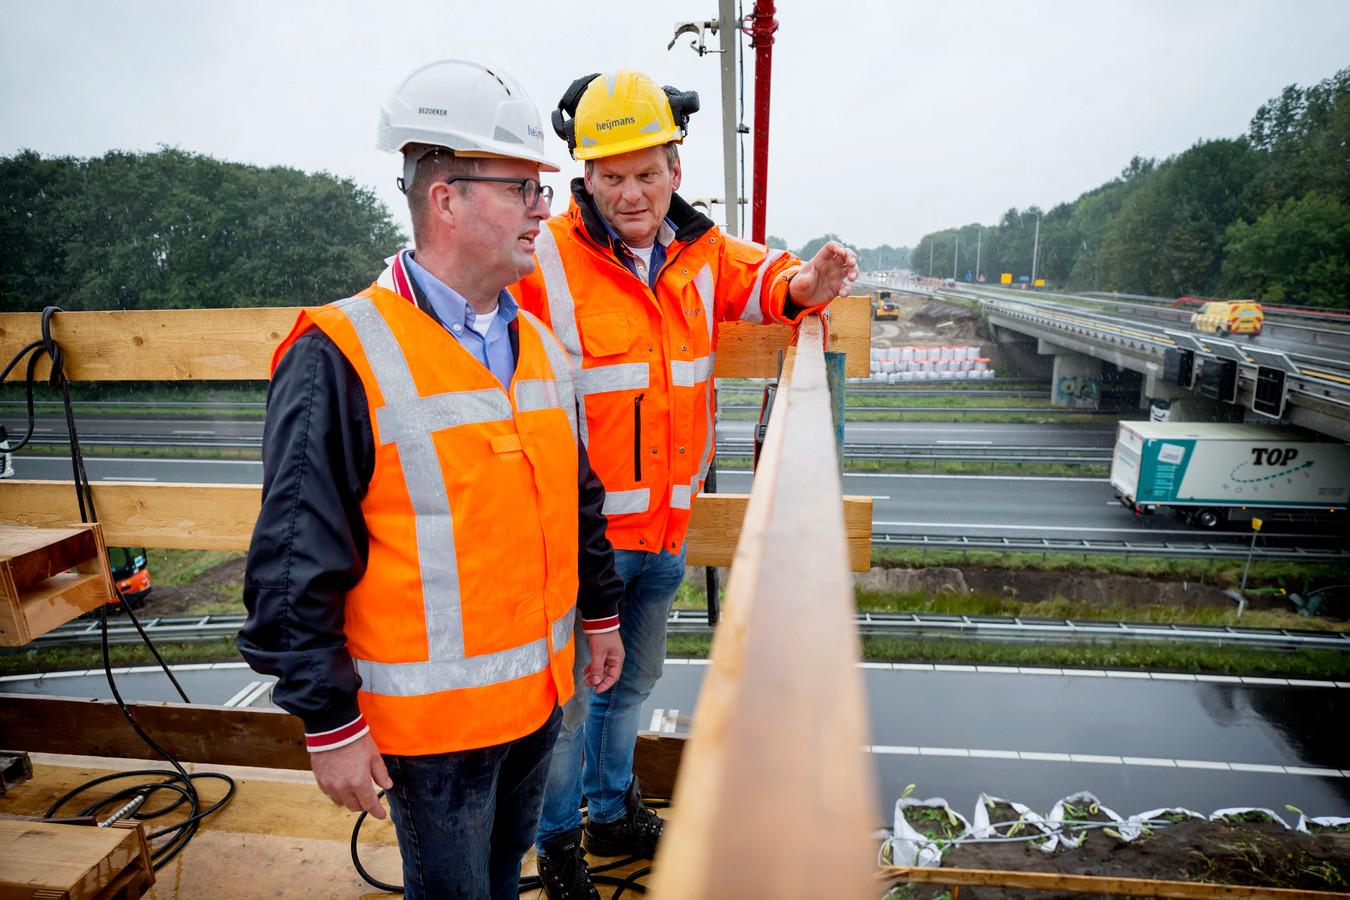 OOSTEIND - Vincent van Gils (l) van Vereniging Belangen Oosteind en Projectleider N629 Peter Benschop van Heijmans bij de aanleg van het nieuwe viaduct over de A27.